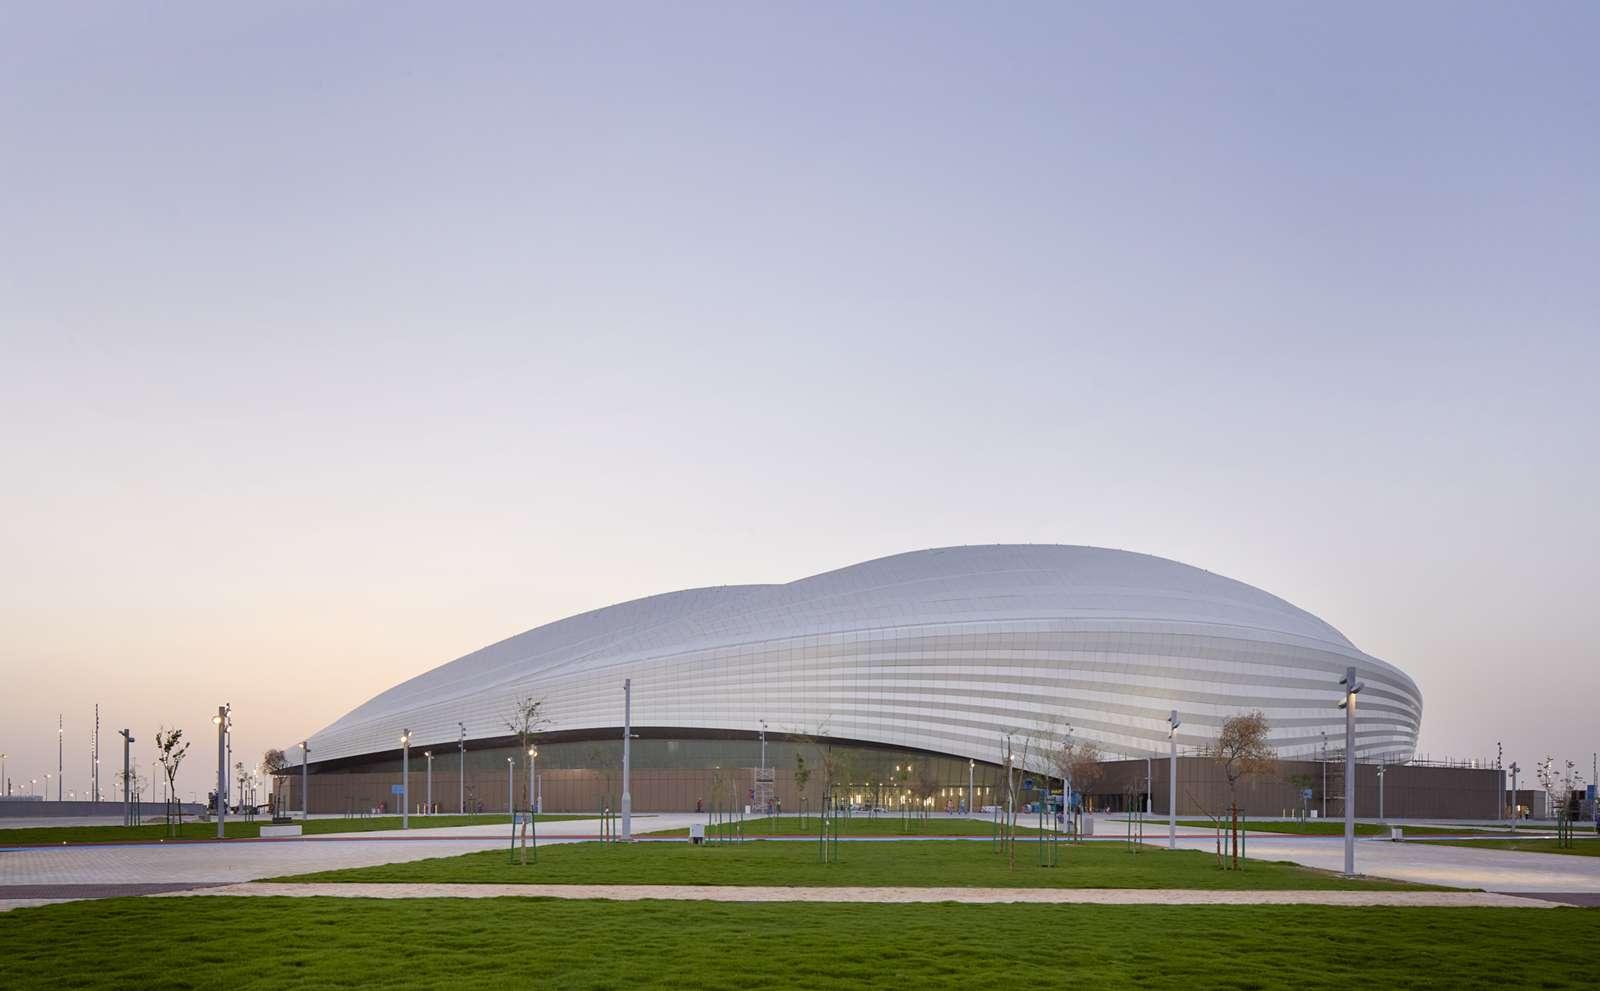 Lavorare In Qatar Architetto qatar, inaugurato il primo stadio ultramoderno per i